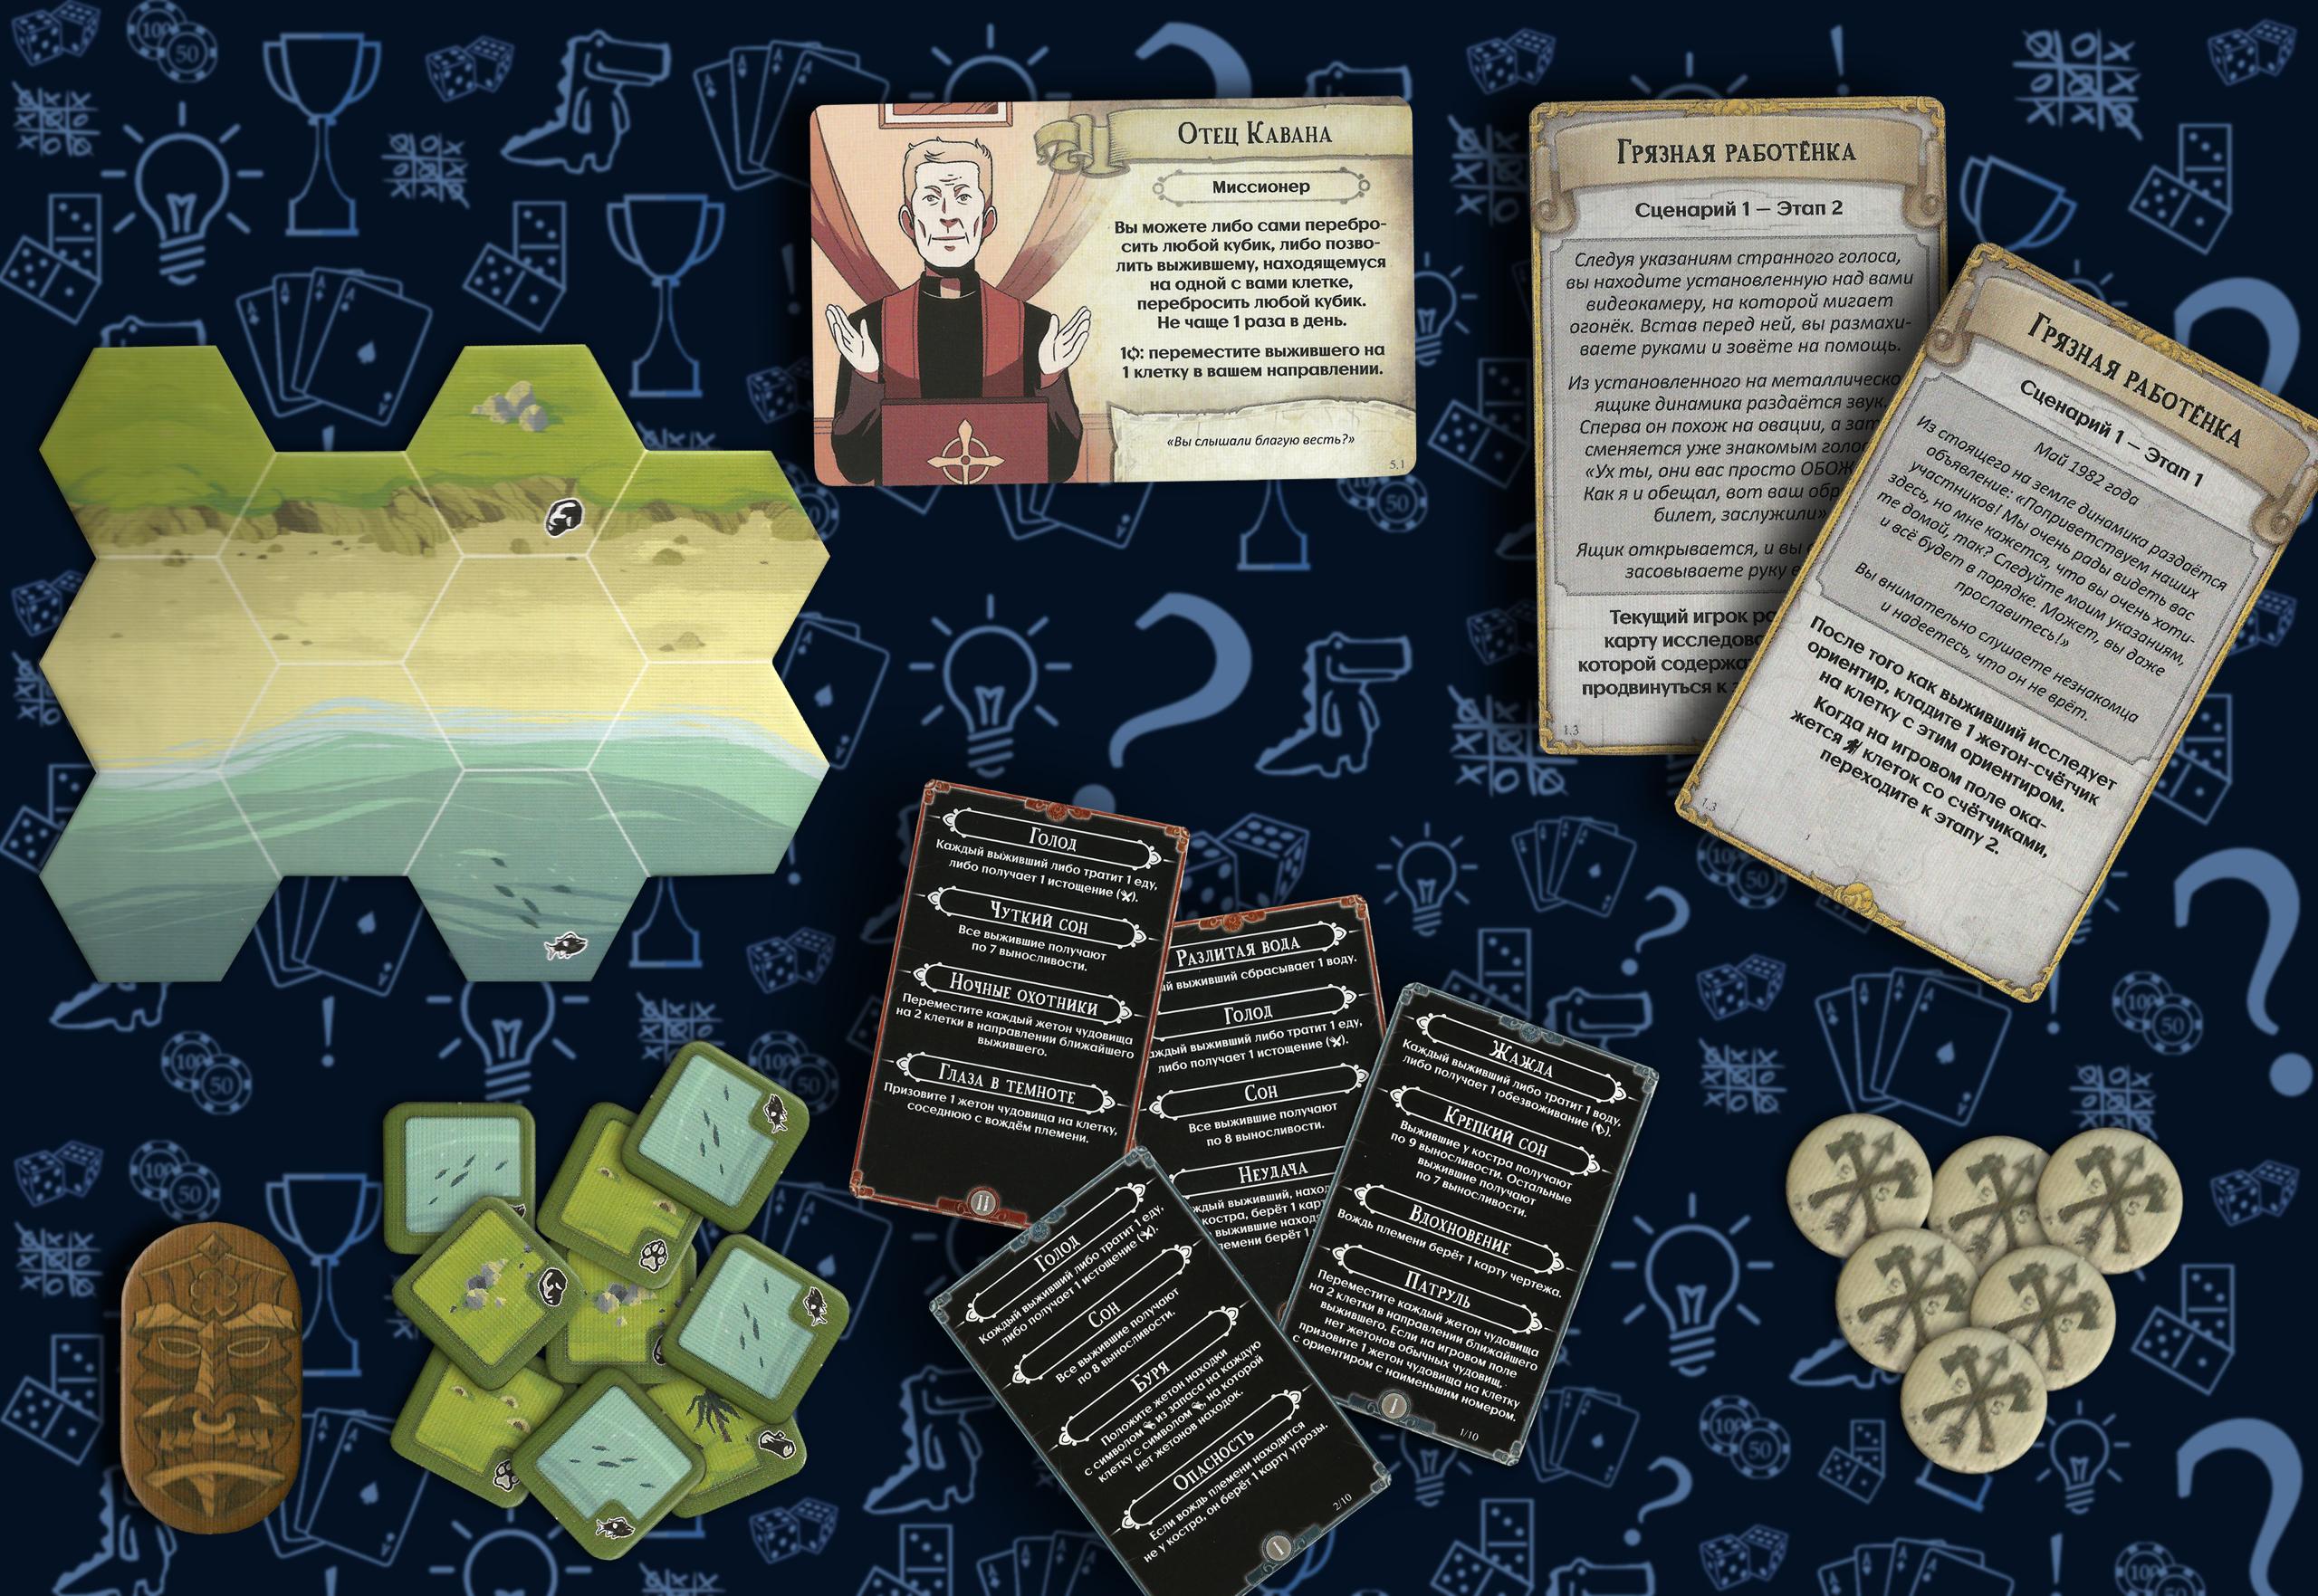 Часть содержимого настольной игры «Остаться в живых: неизведанные земли»